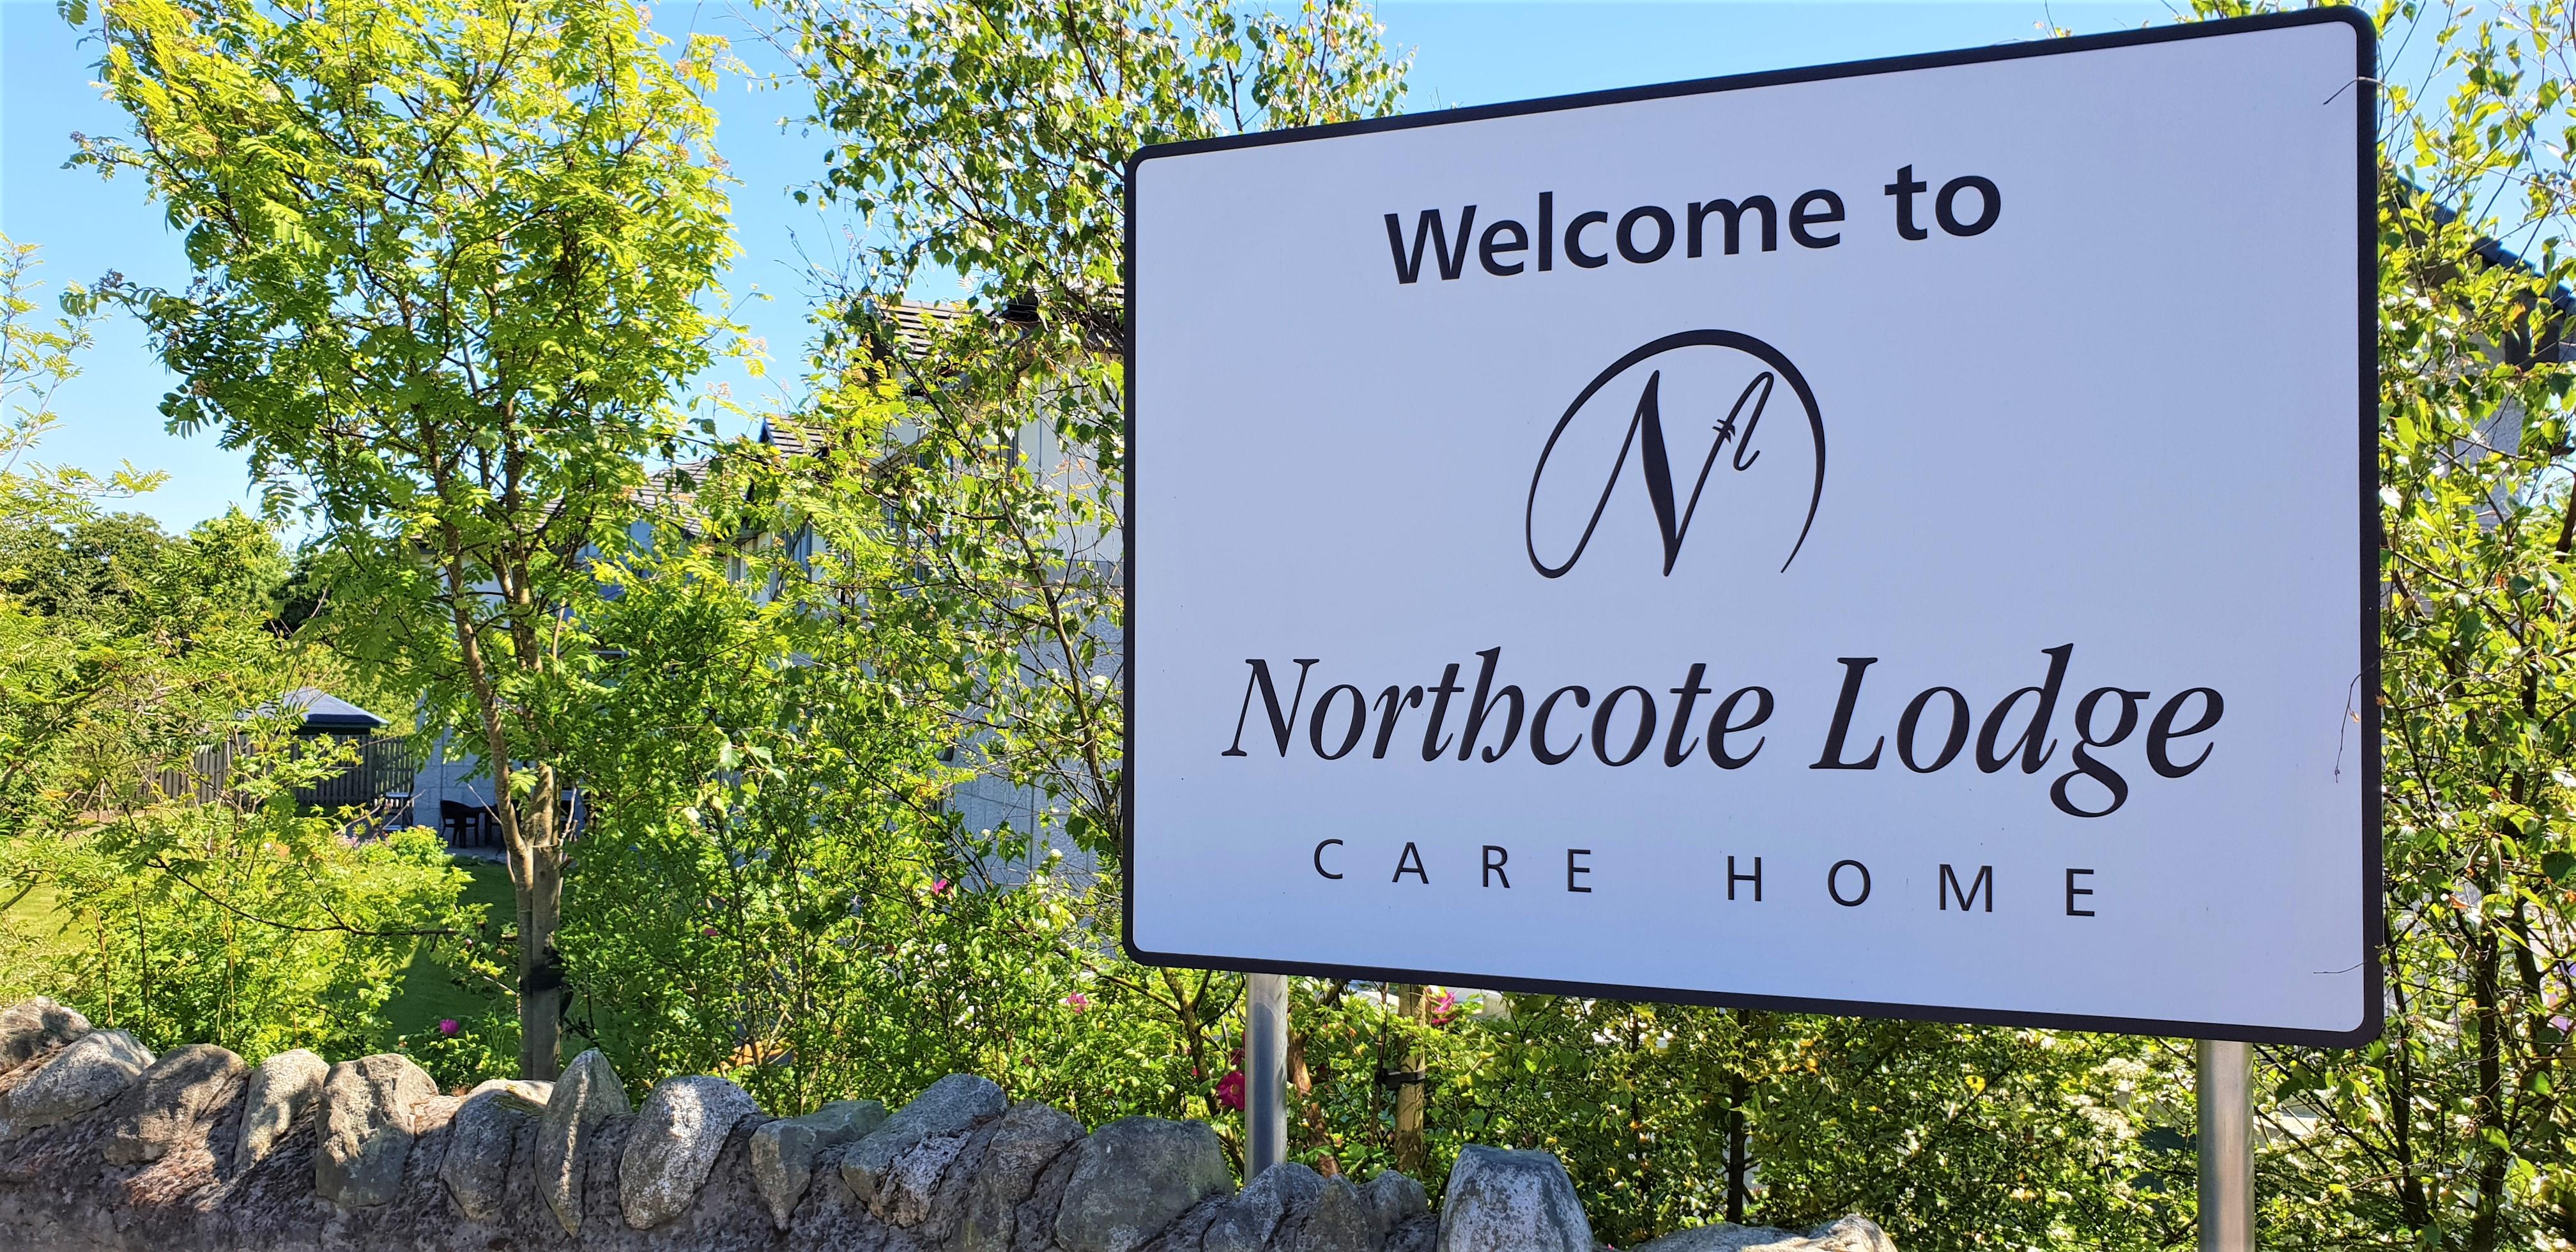 An image of Northcote Lodge Sign